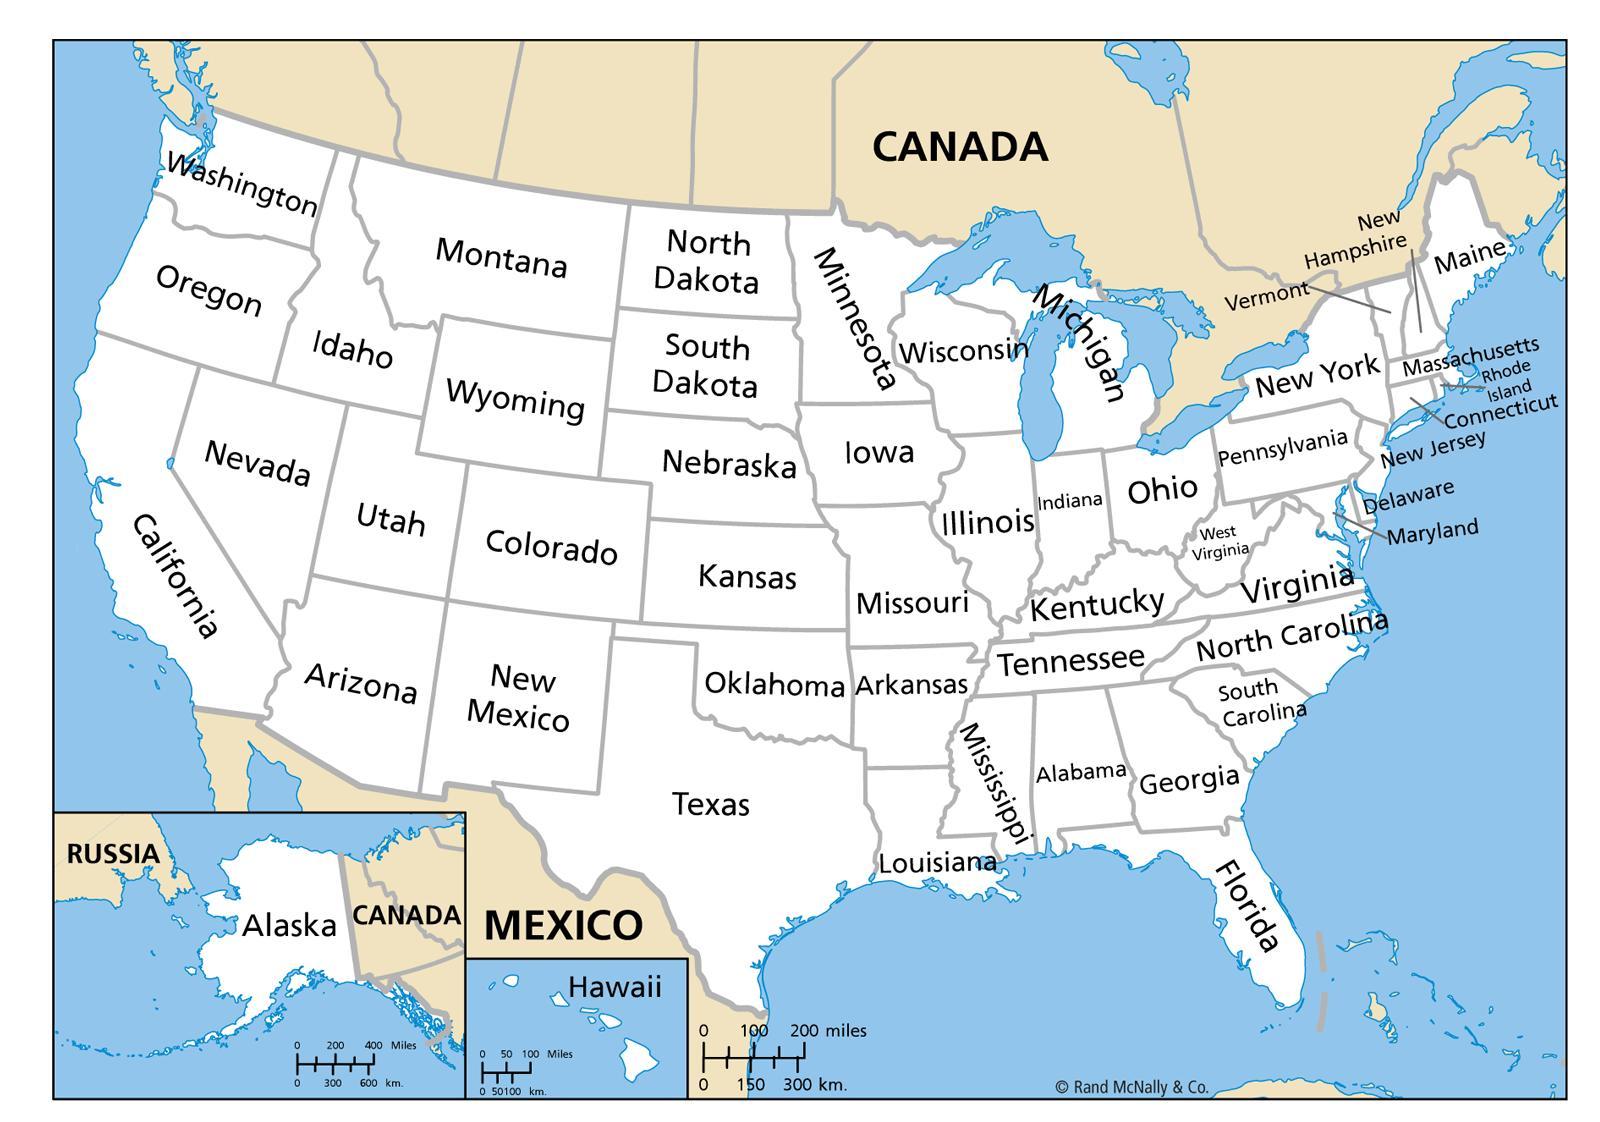 Harta De Statele Unite Ale Americii Cu Statele O Hartă A